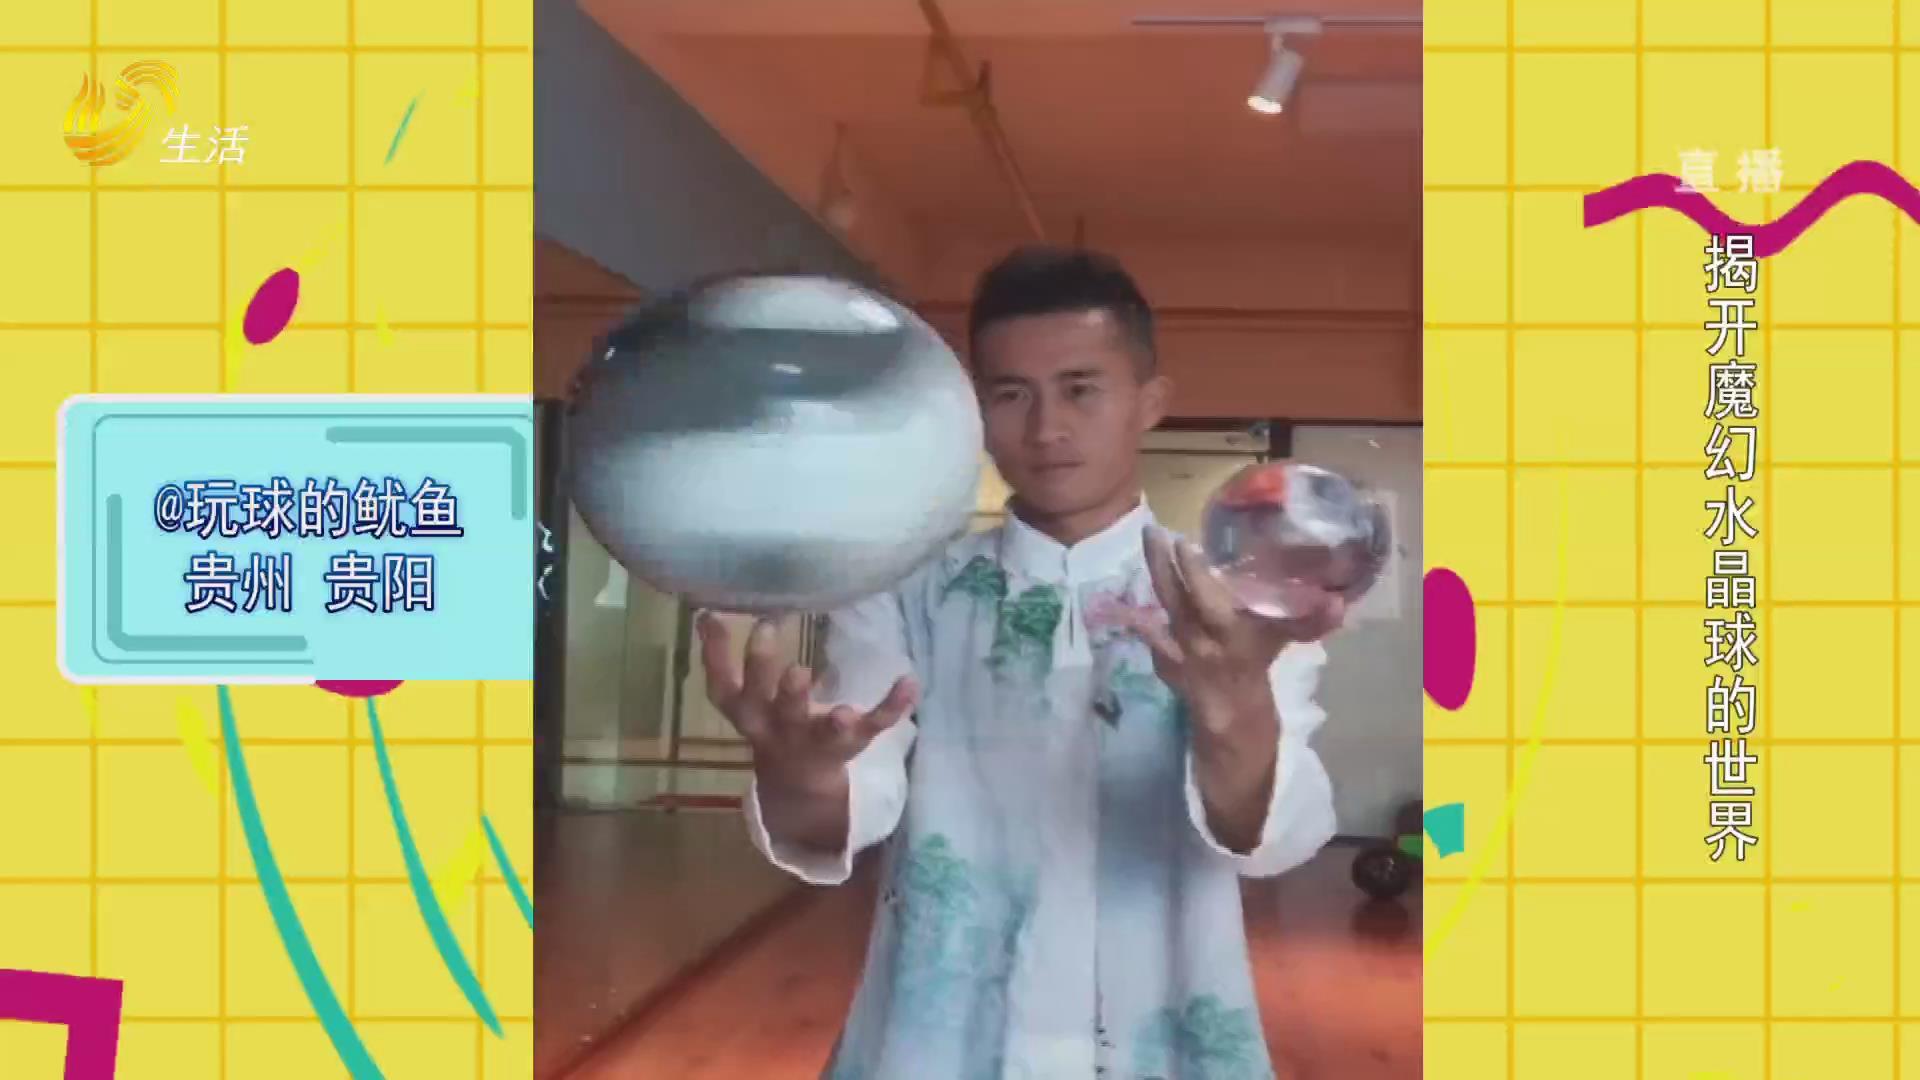 揭开魔幻水晶球的世界